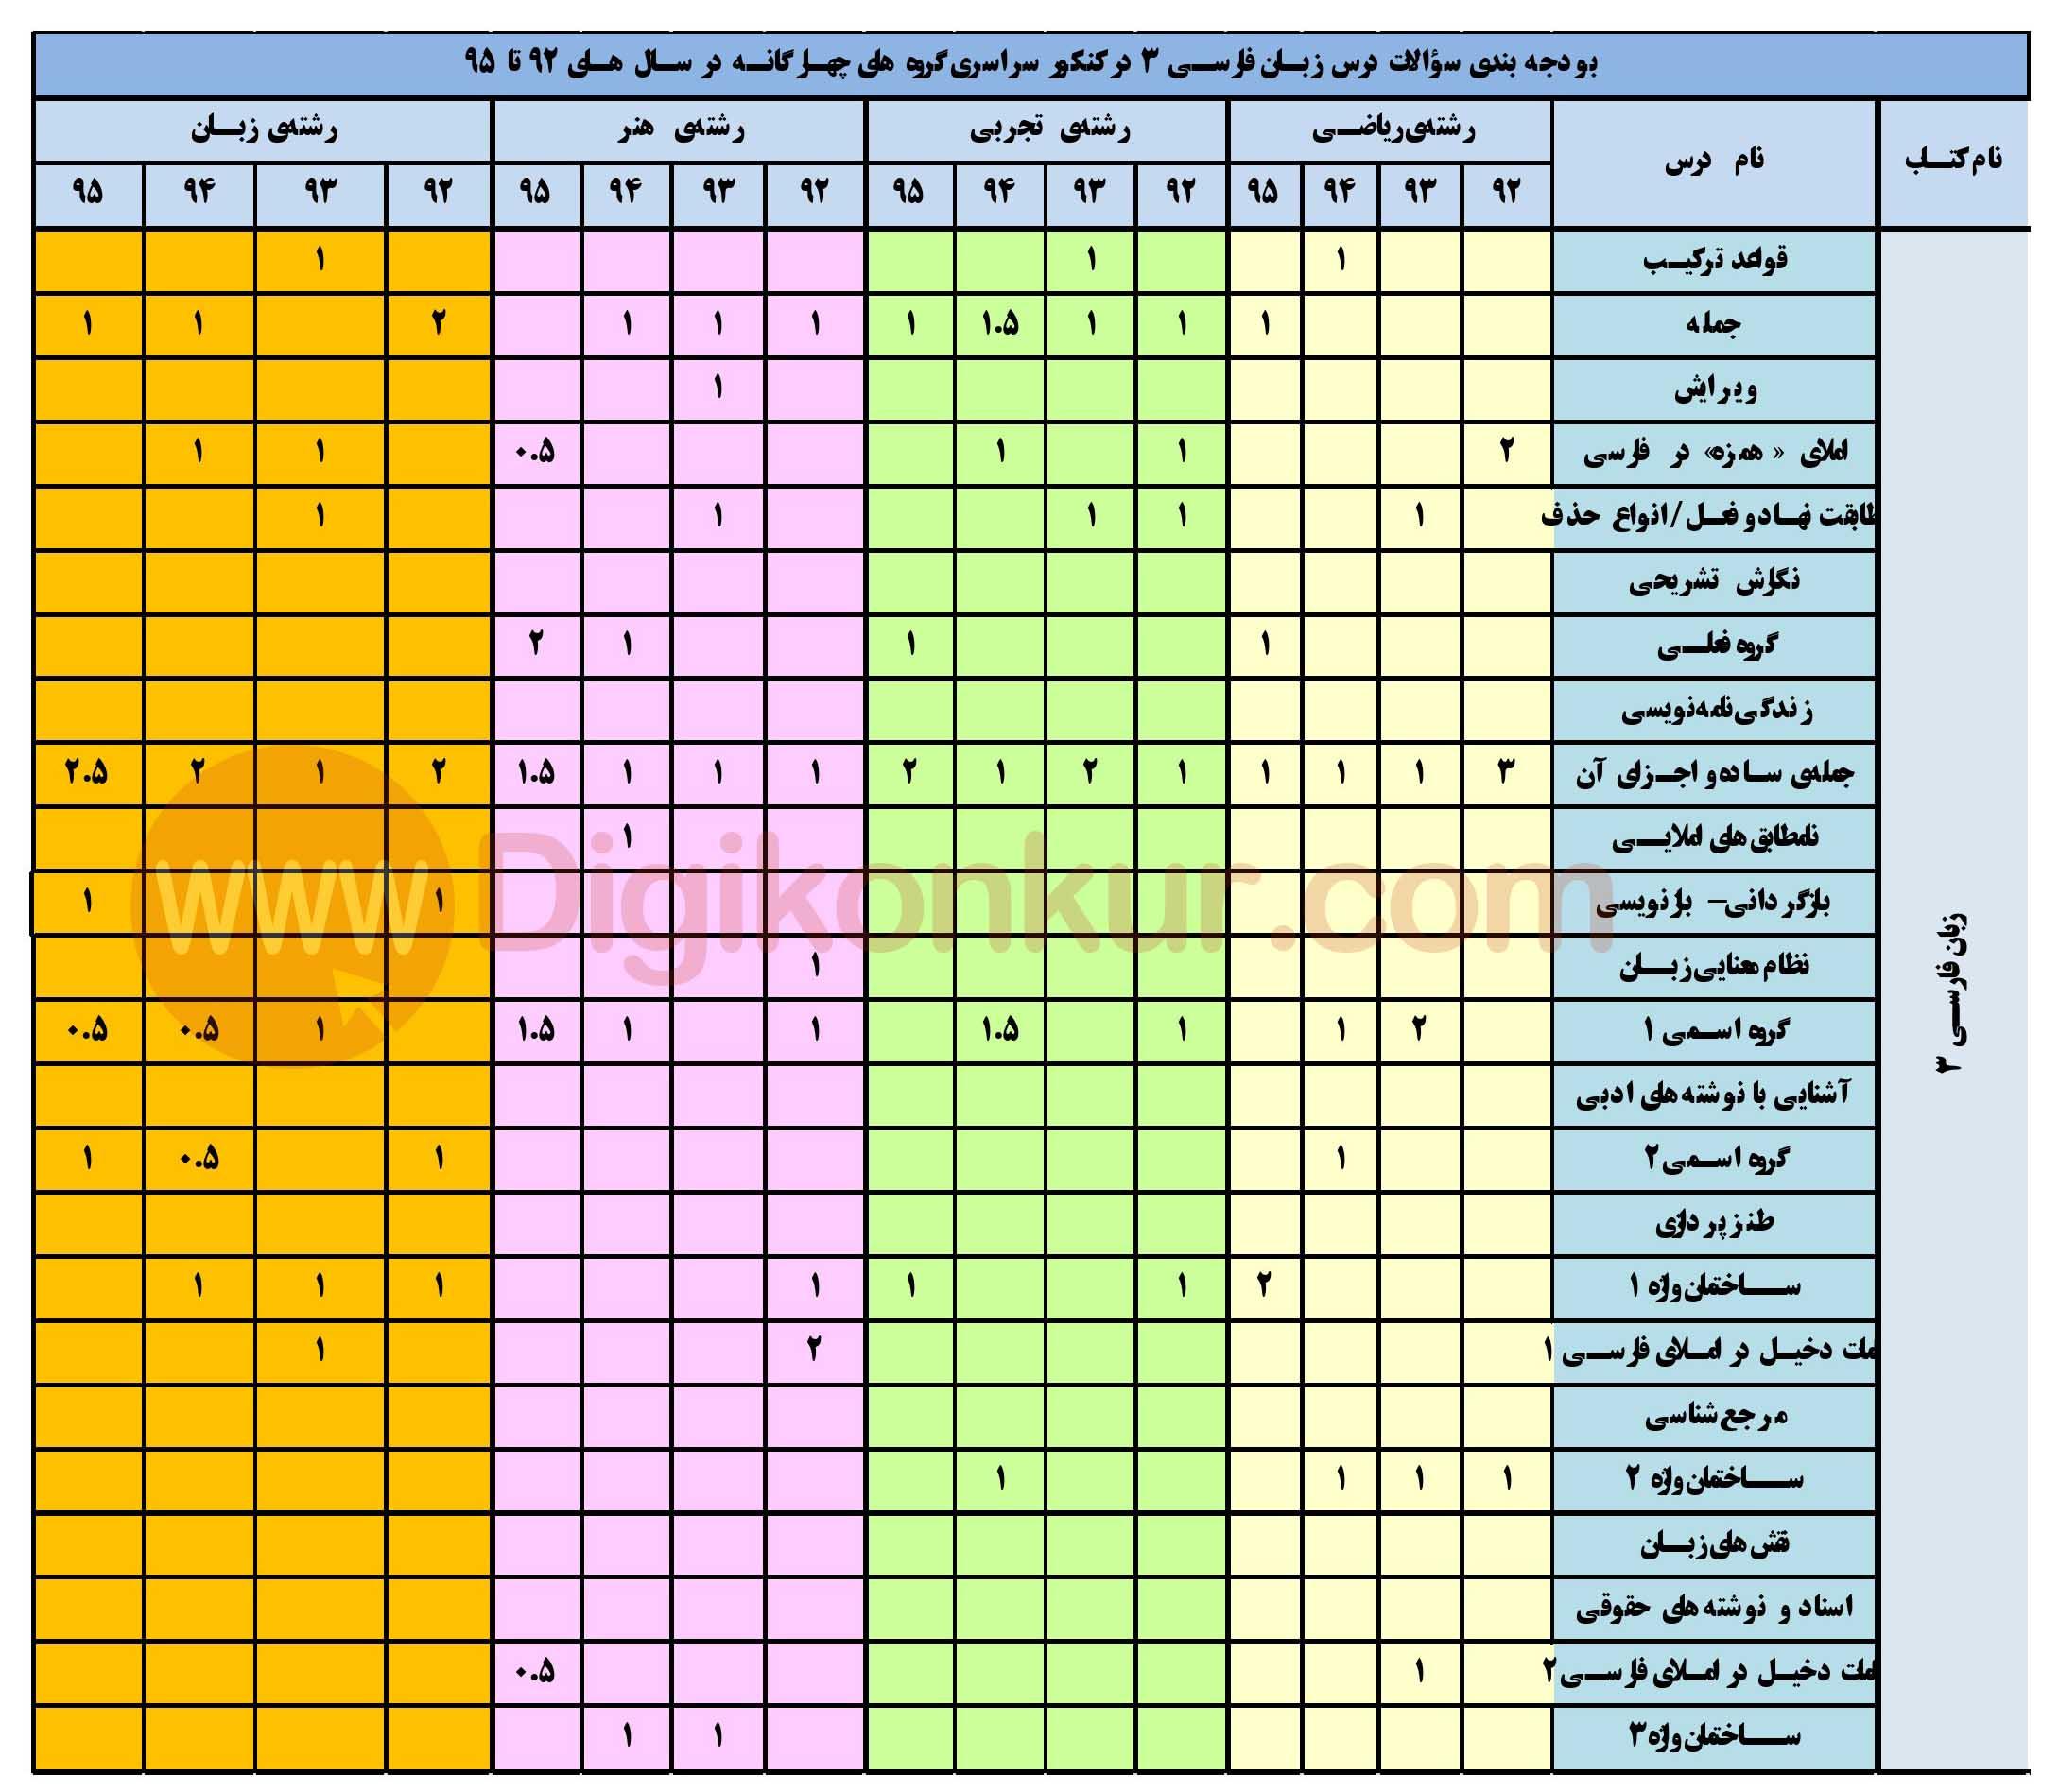 بودجه بندی درس زبان فارسی کنکور